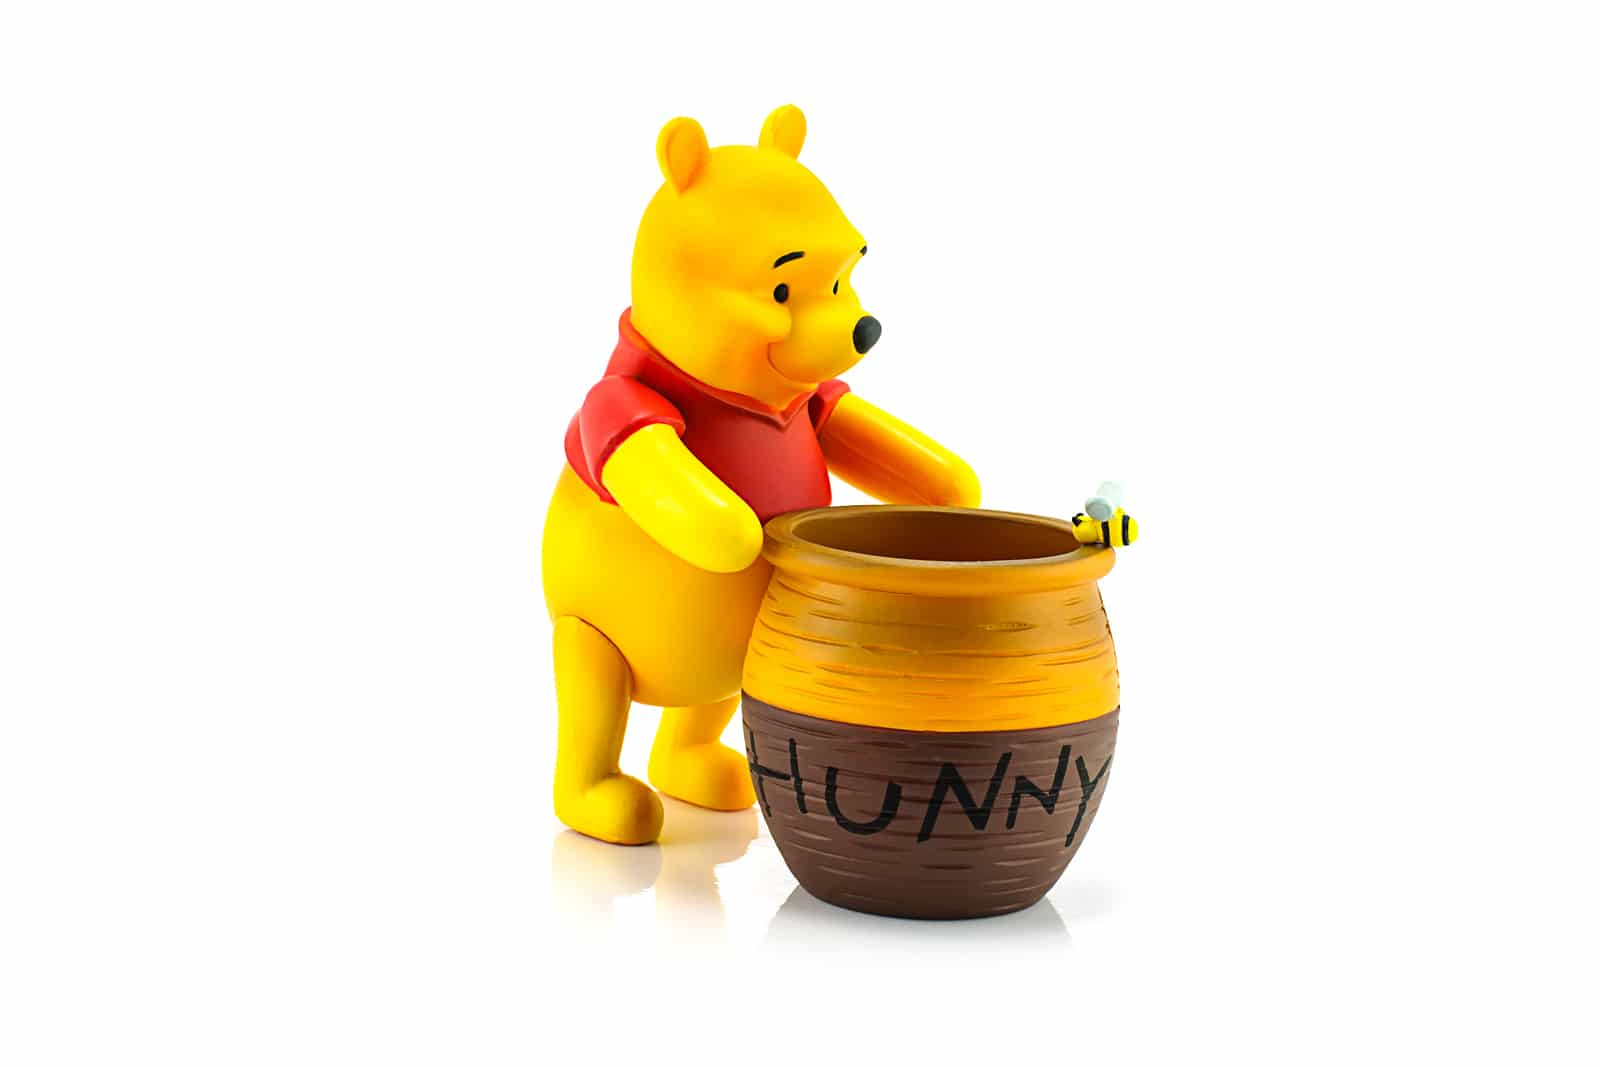 Conoce la historia de Winnie Pooh